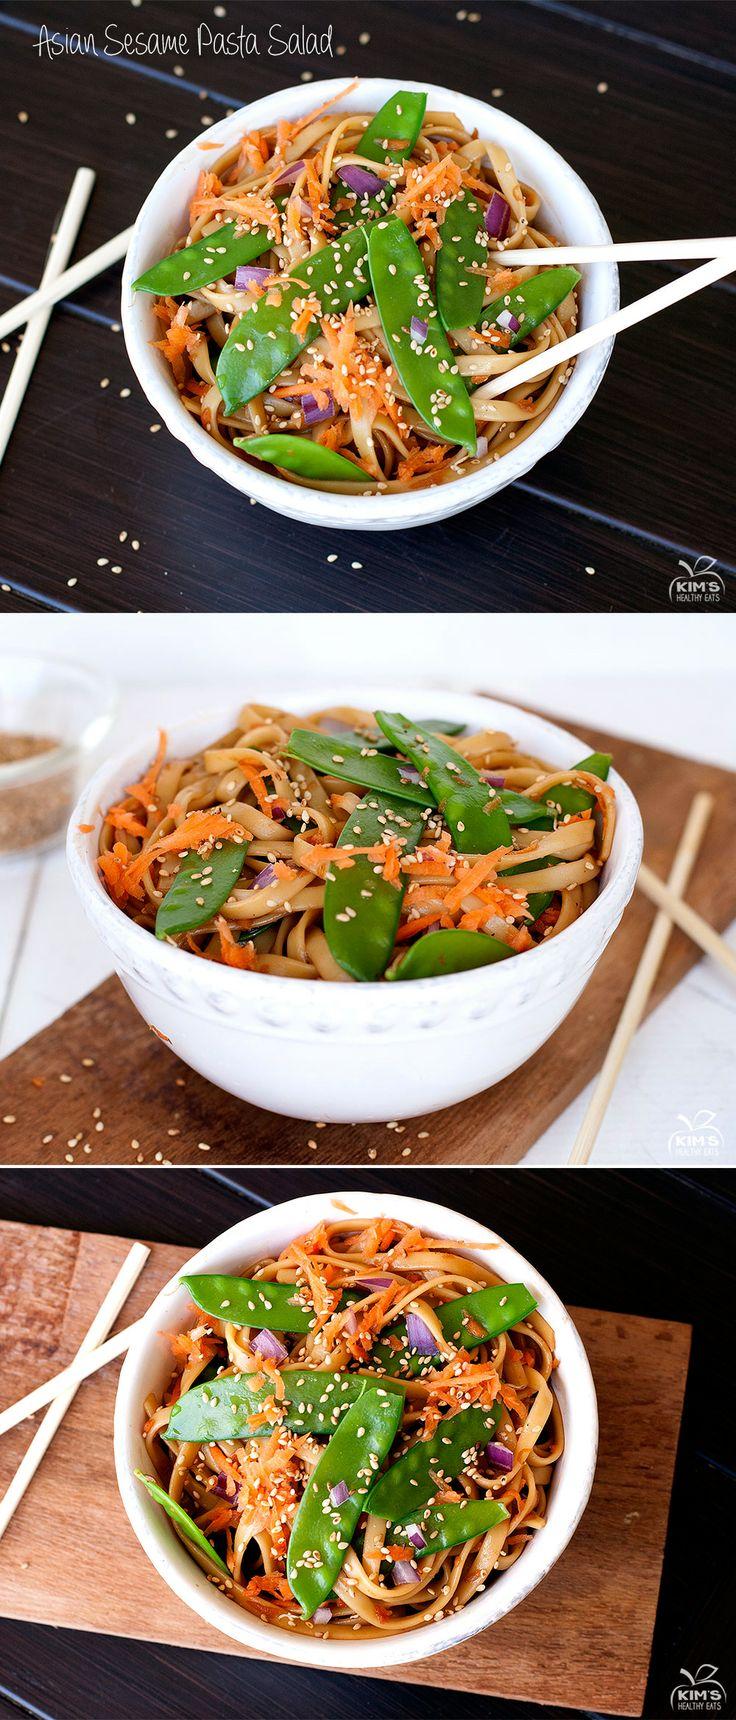 Asian Sesame Pasta Salad